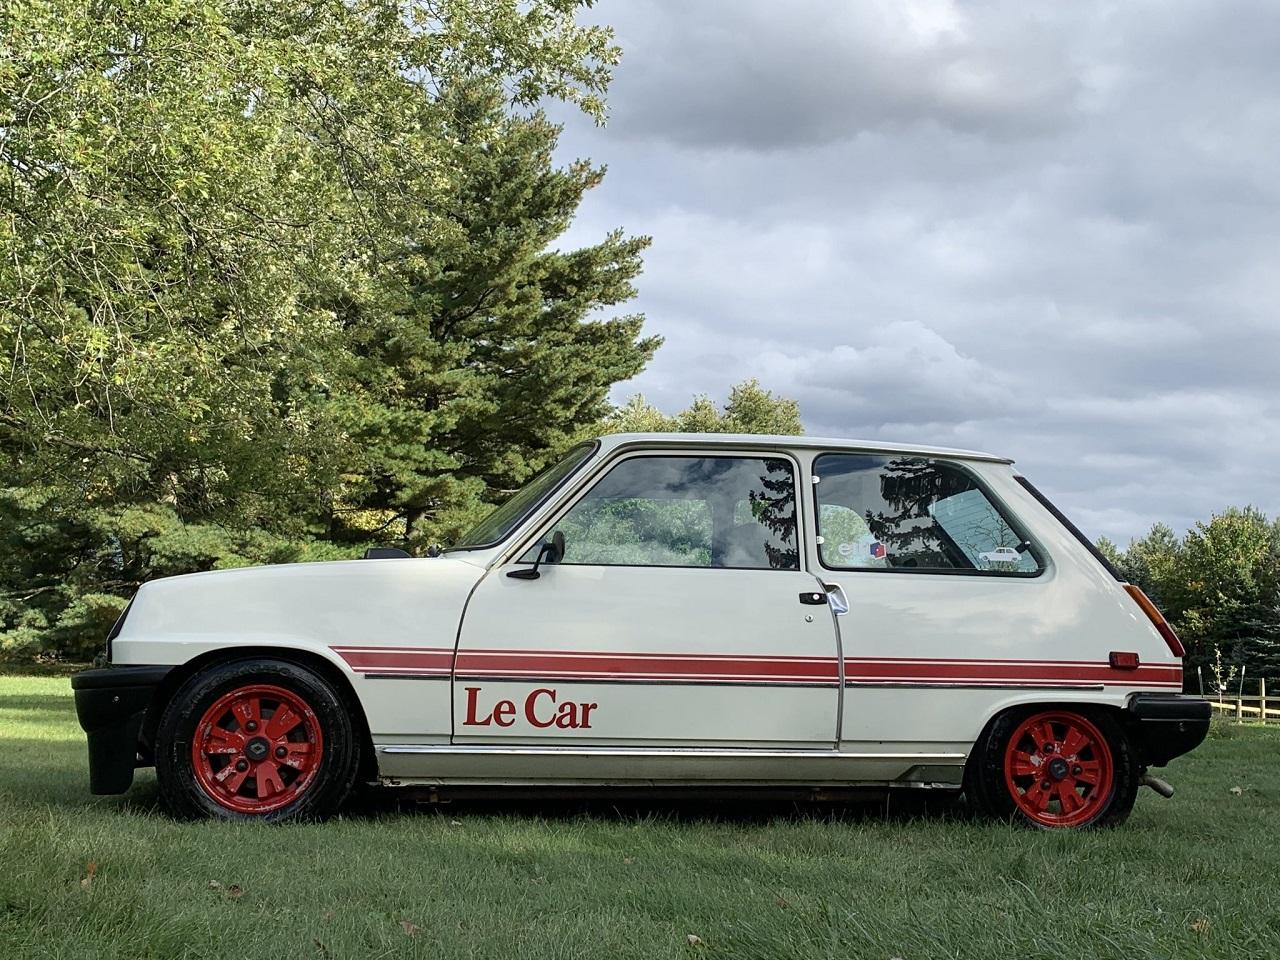 '79 Renault 5 Le Car - A la conquête de l'Amérique ! 7